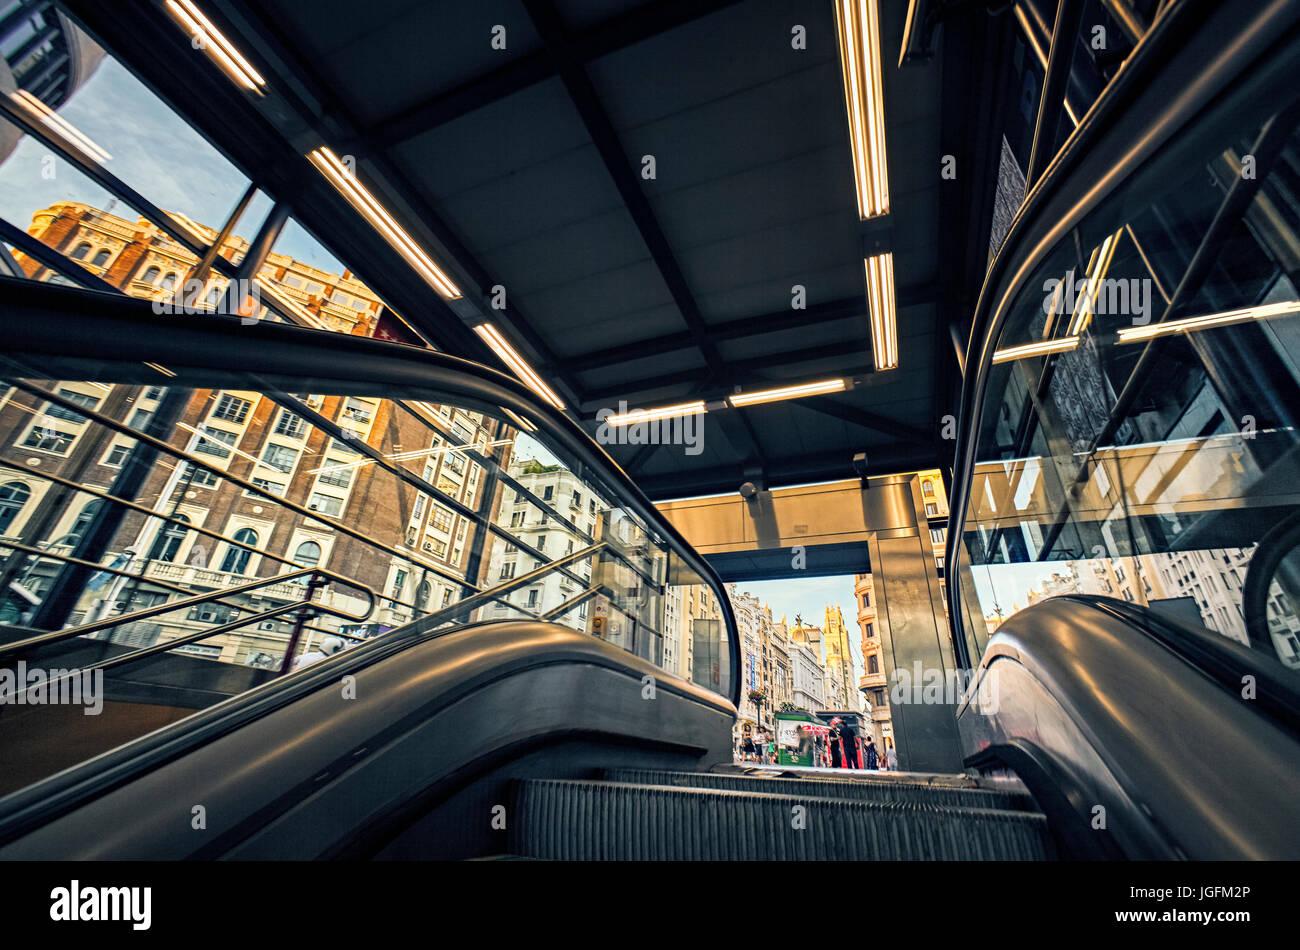 Basso angolo vista dell'ingresso della metropolitana a Piazza Callao. Madrid. Spagna Immagini Stock